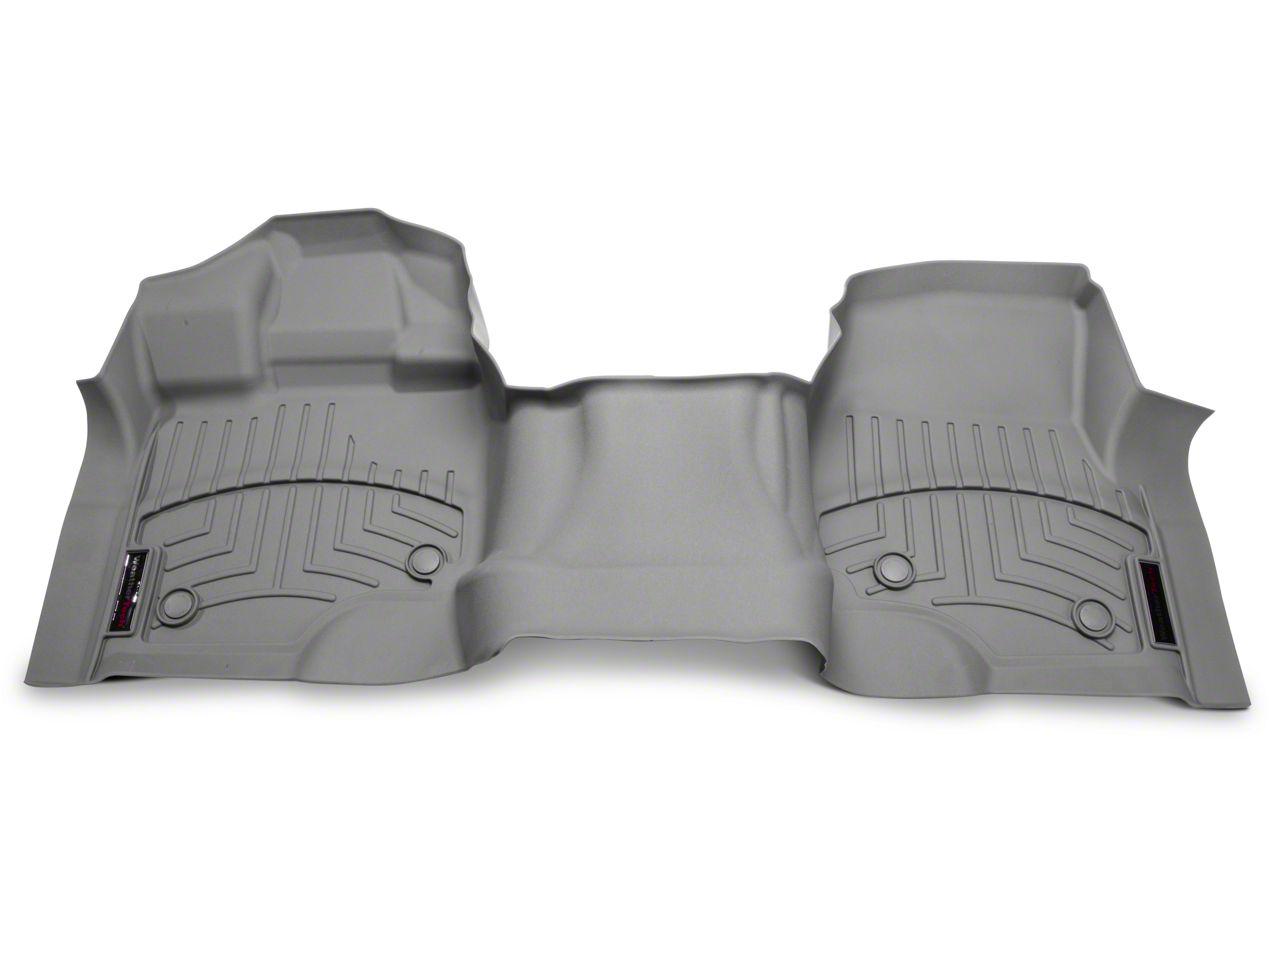 Weathertech DigitalFit Front Over The Hump Floor Liner - Gray (15-19 F-150)